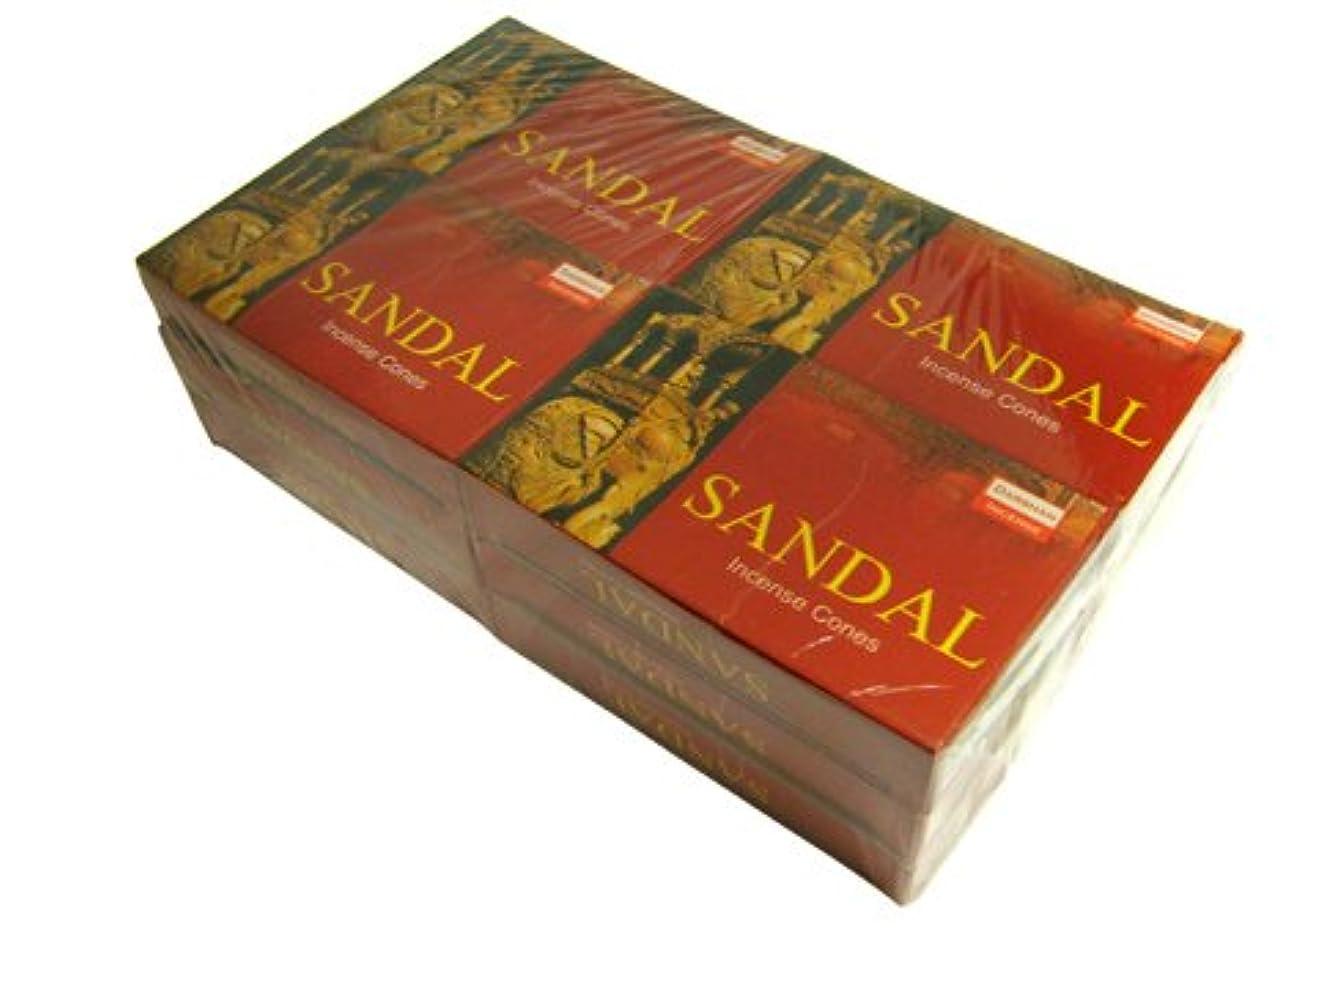 消防士薄めるシェフDARSHAN(ダルシャン) サンダル香 コーンタイプ SANDAL CORN 12箱セット